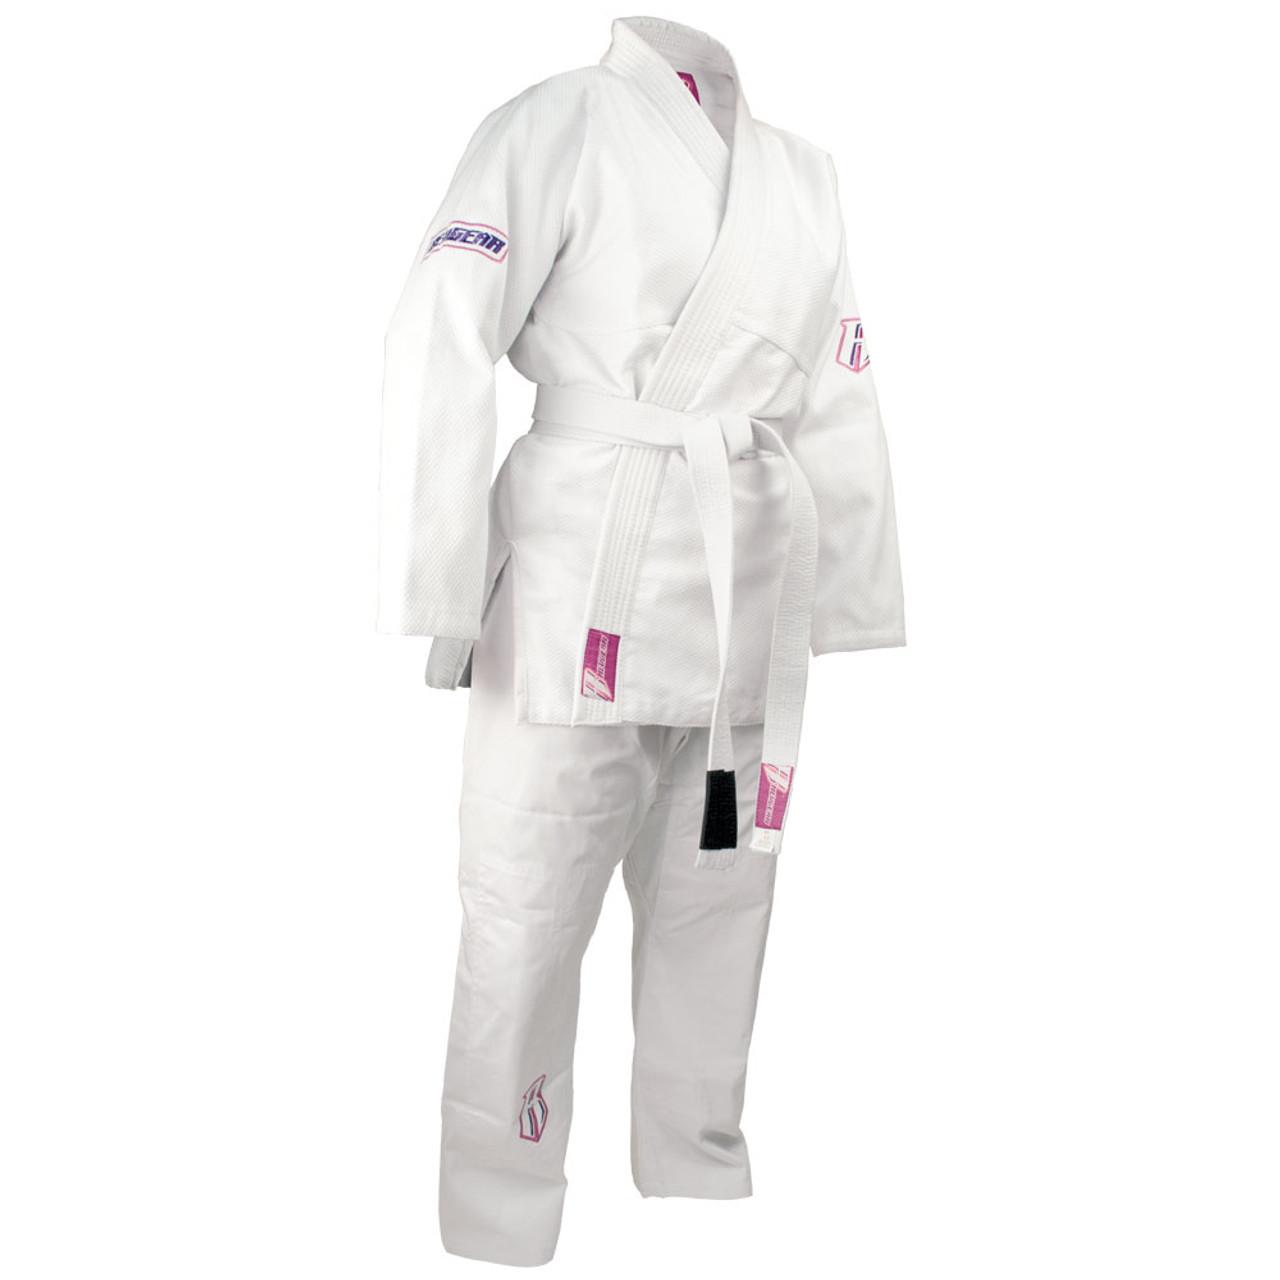 Women's Cut Jiu Jitsu Gi